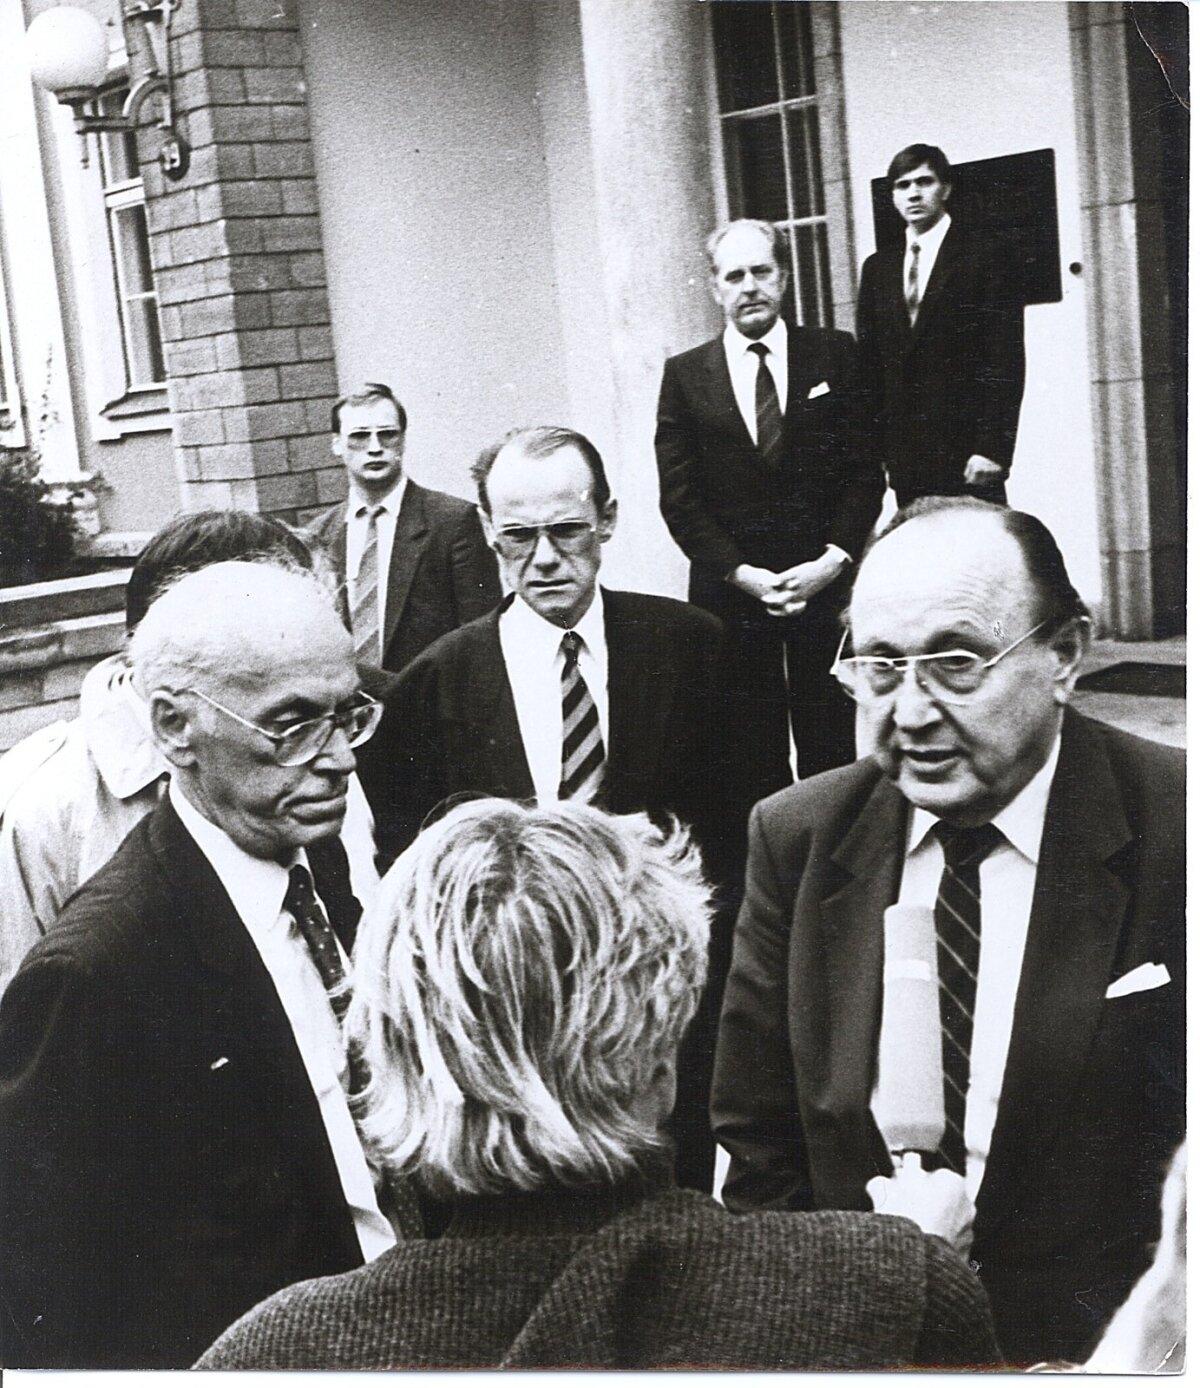 MEHED VARJUS: Veiko Kulla ja Urmas Sõõrumaa kaitsevad välisministri Hans-Dietrich Genscheri kohtumist välisminister Lennart Meriga septembris 1991.